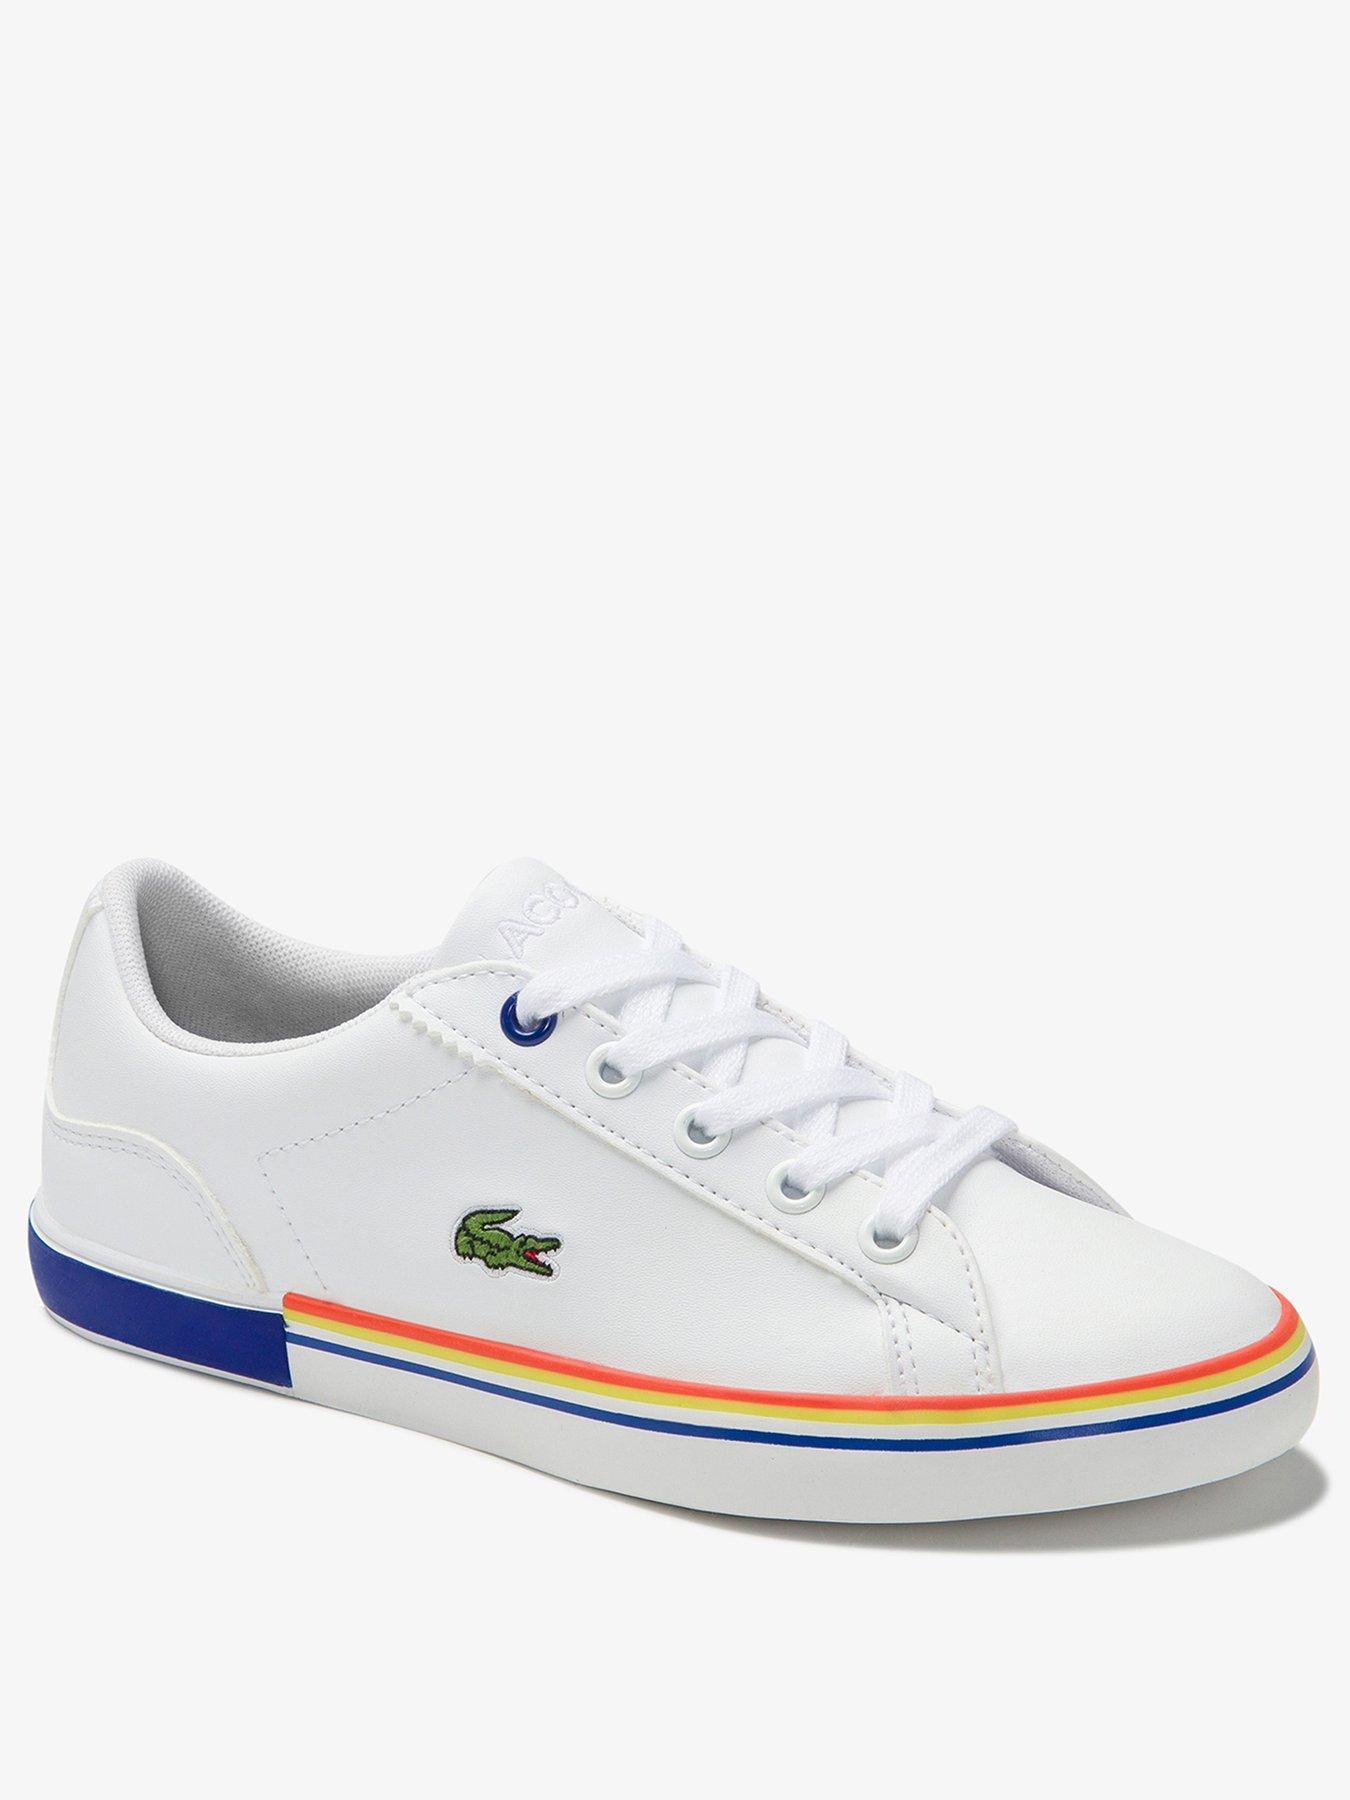 Lacoste | Kids footwear (sizes 10-2